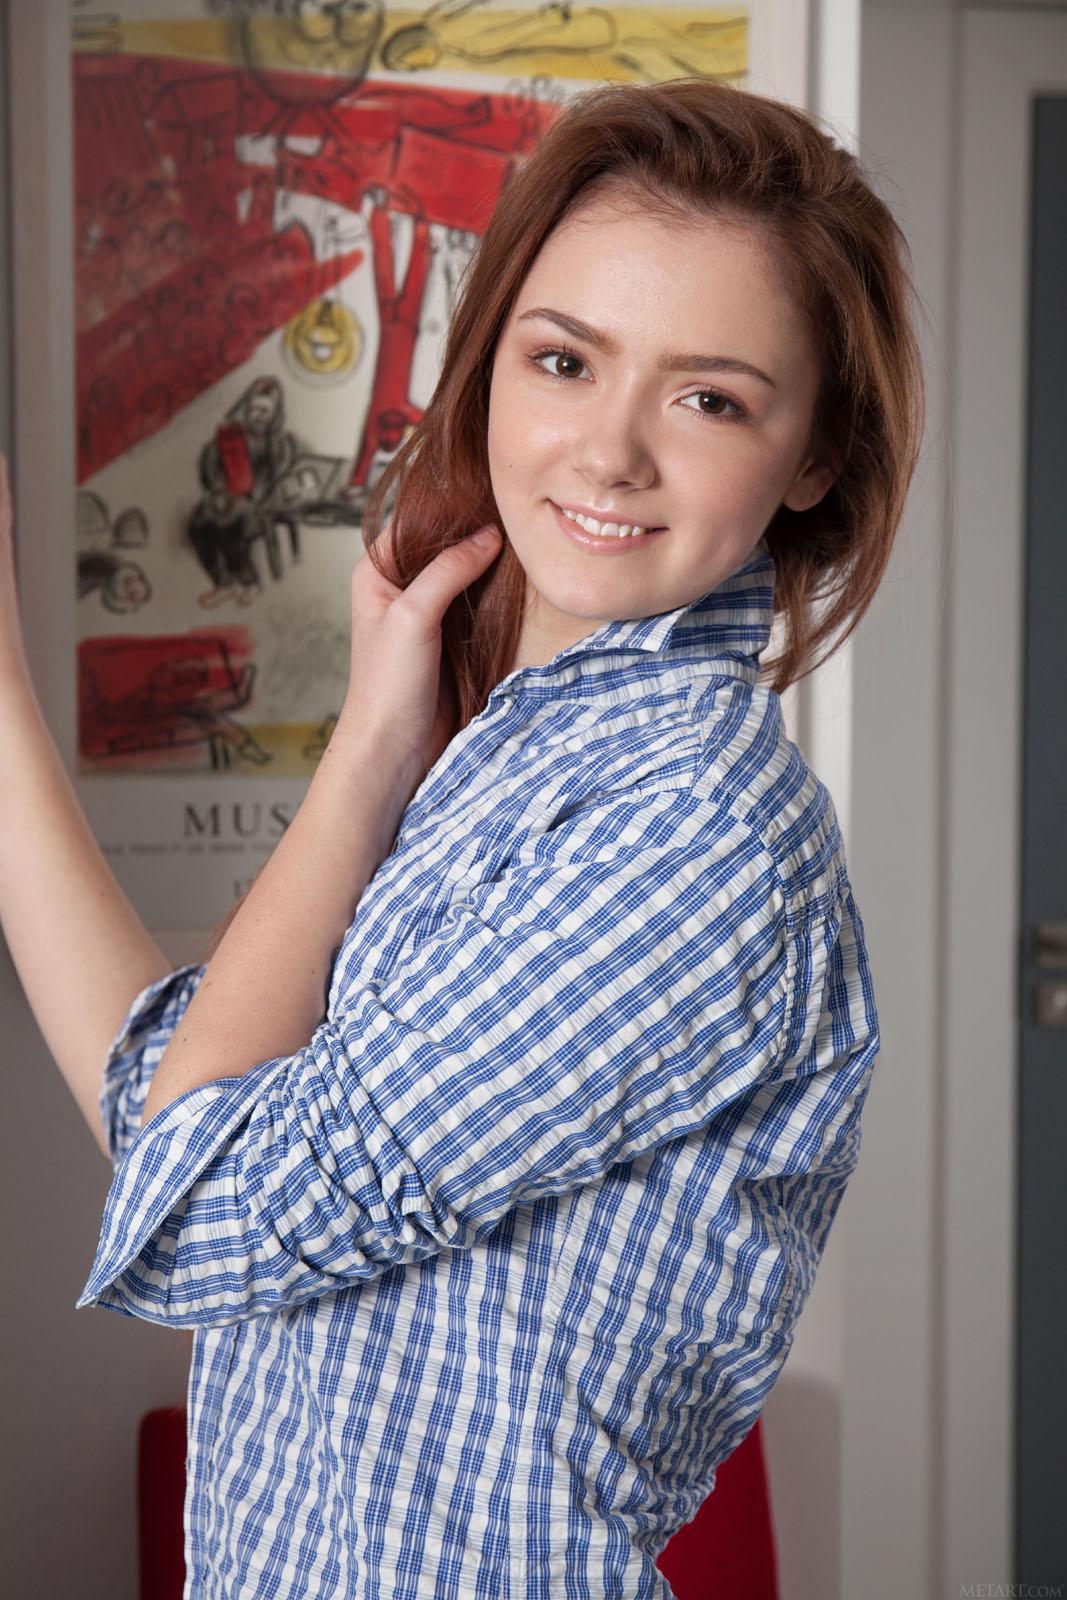 MetArt - Carly